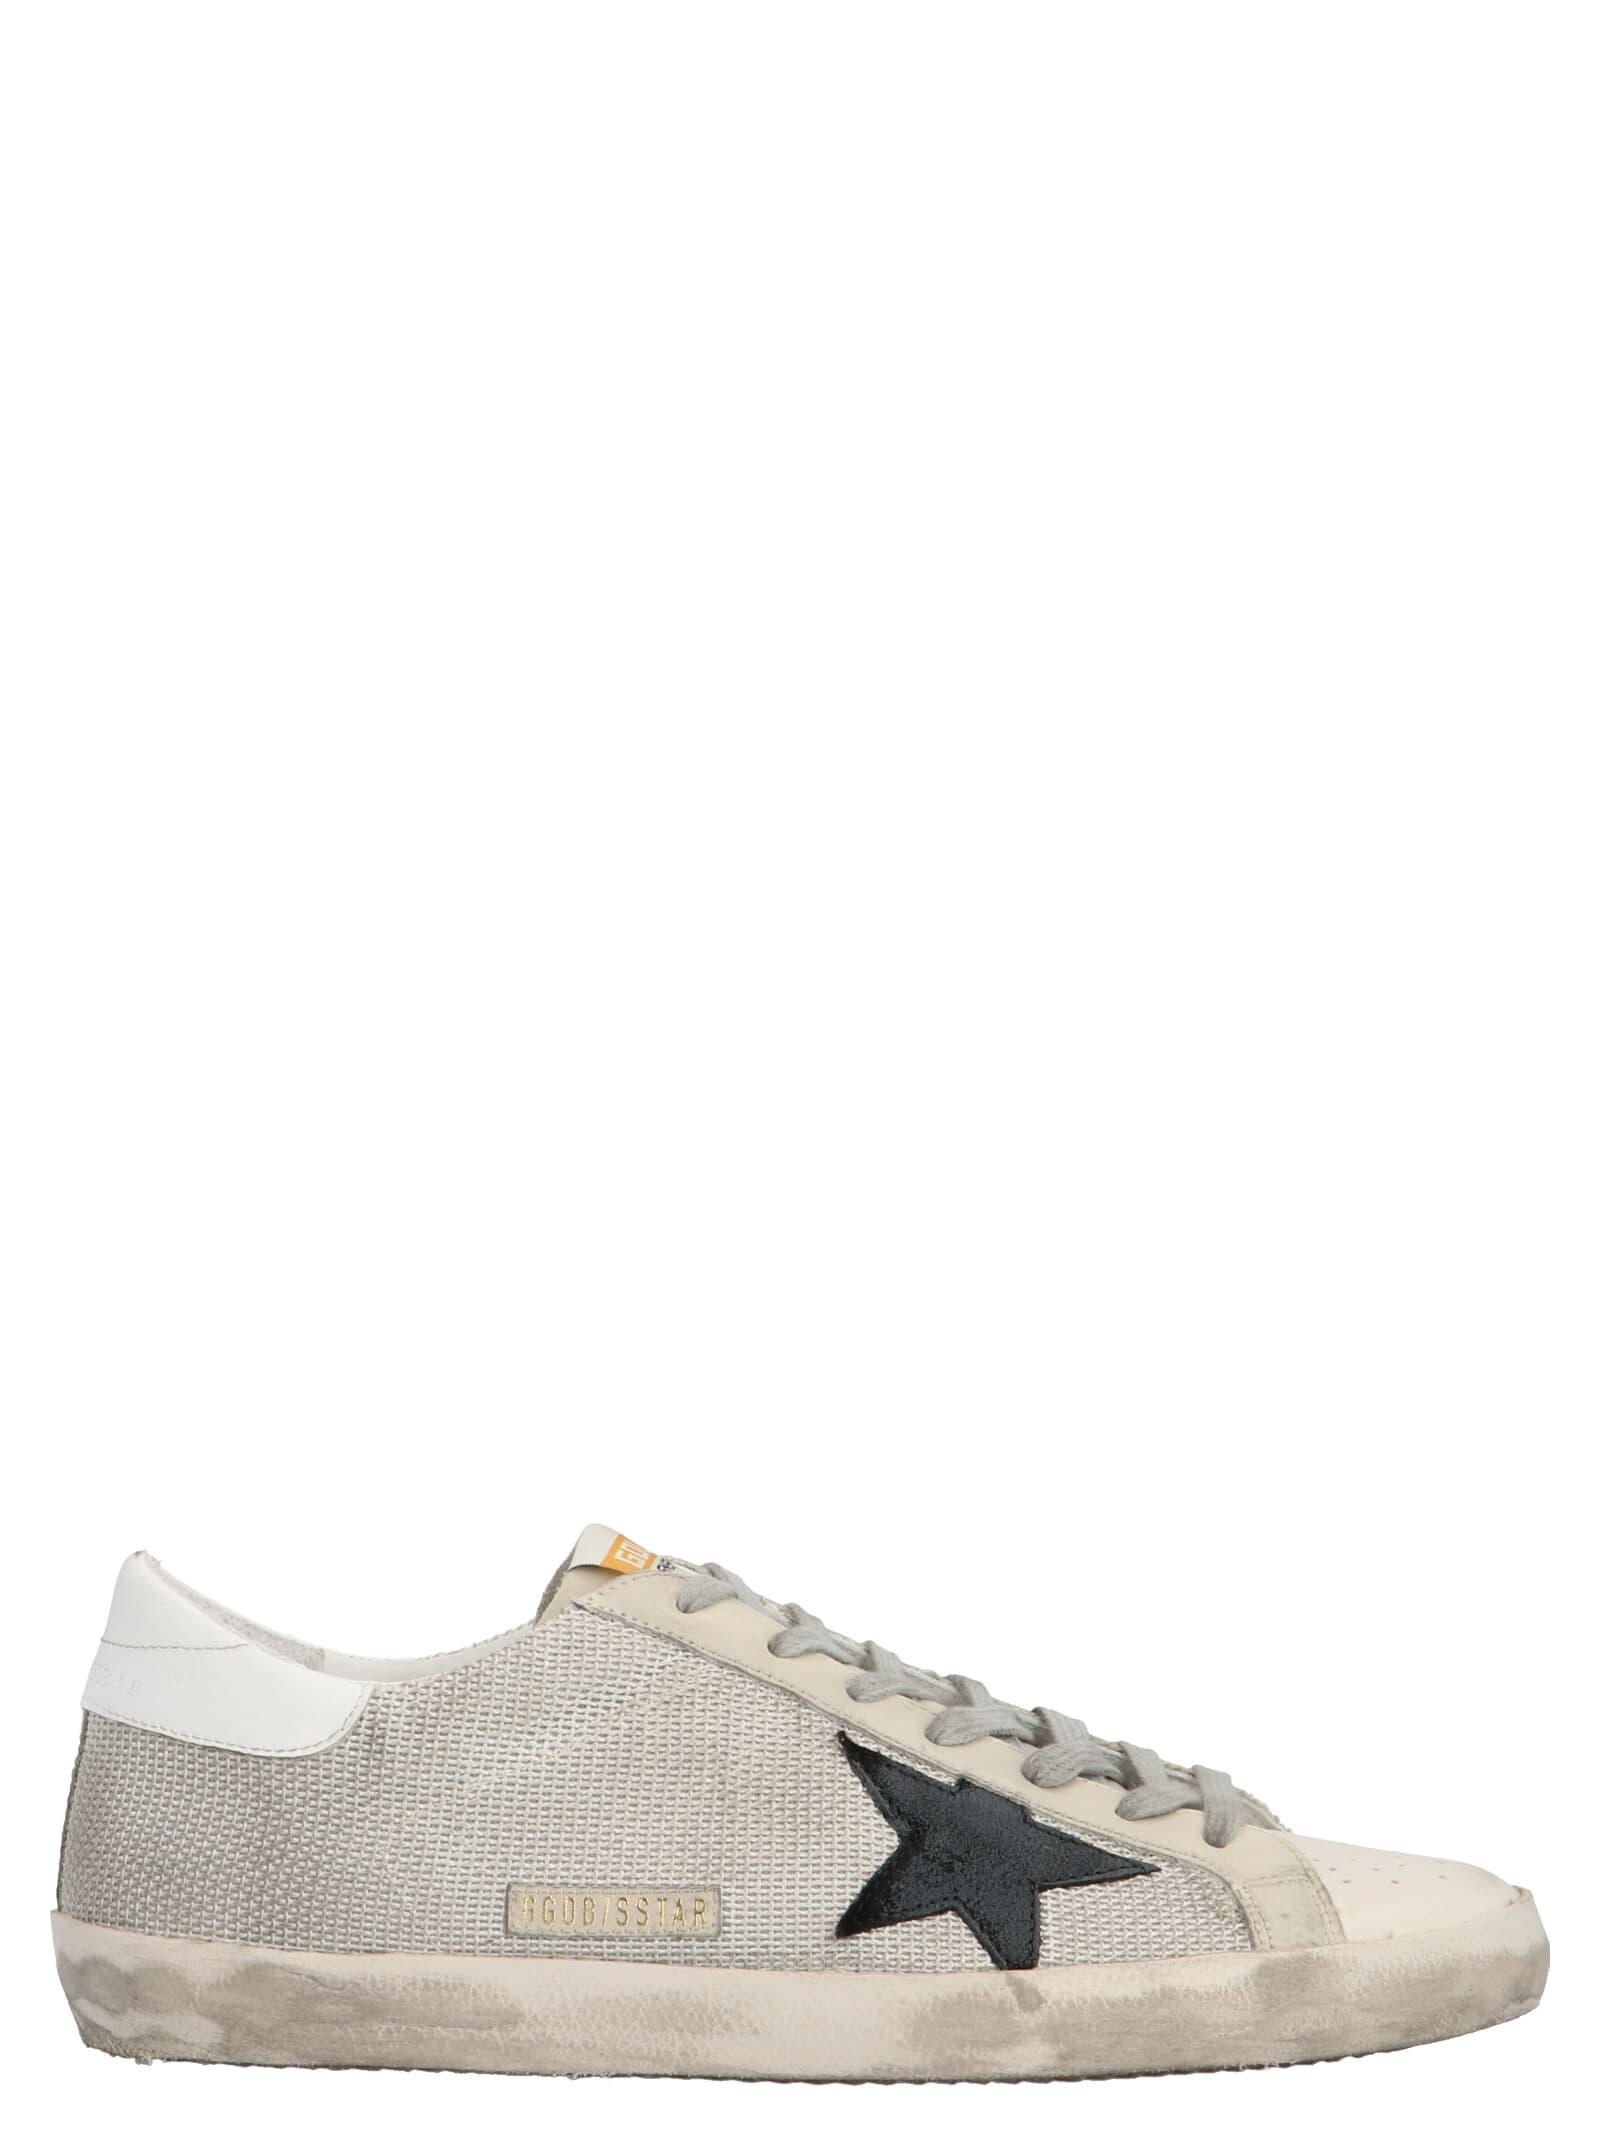 Golden Goose Sneakers   italist, ALWAYS